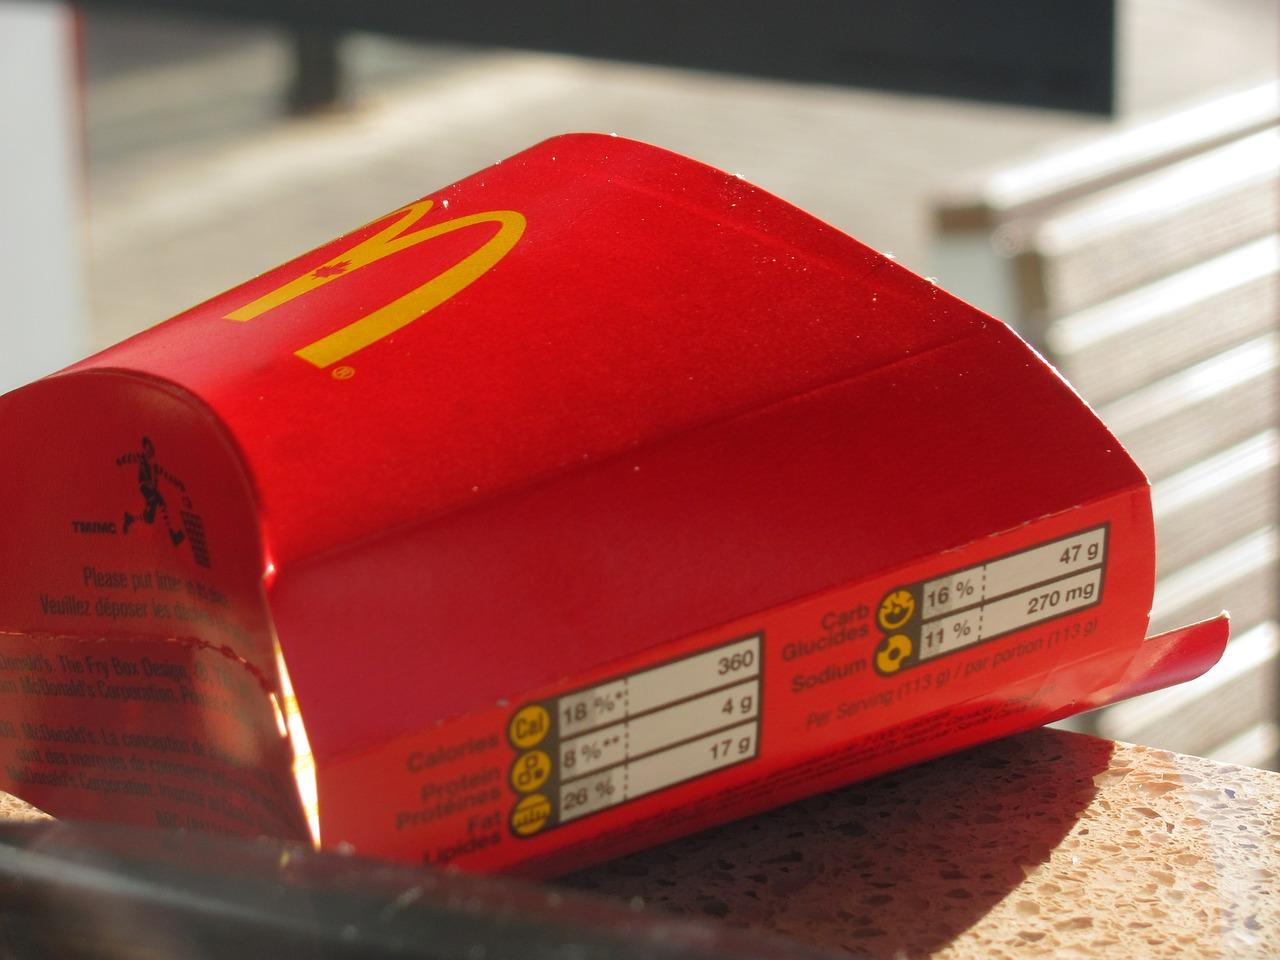 Les franchisés McDonald's seraient obligés d'augmenter leur prix